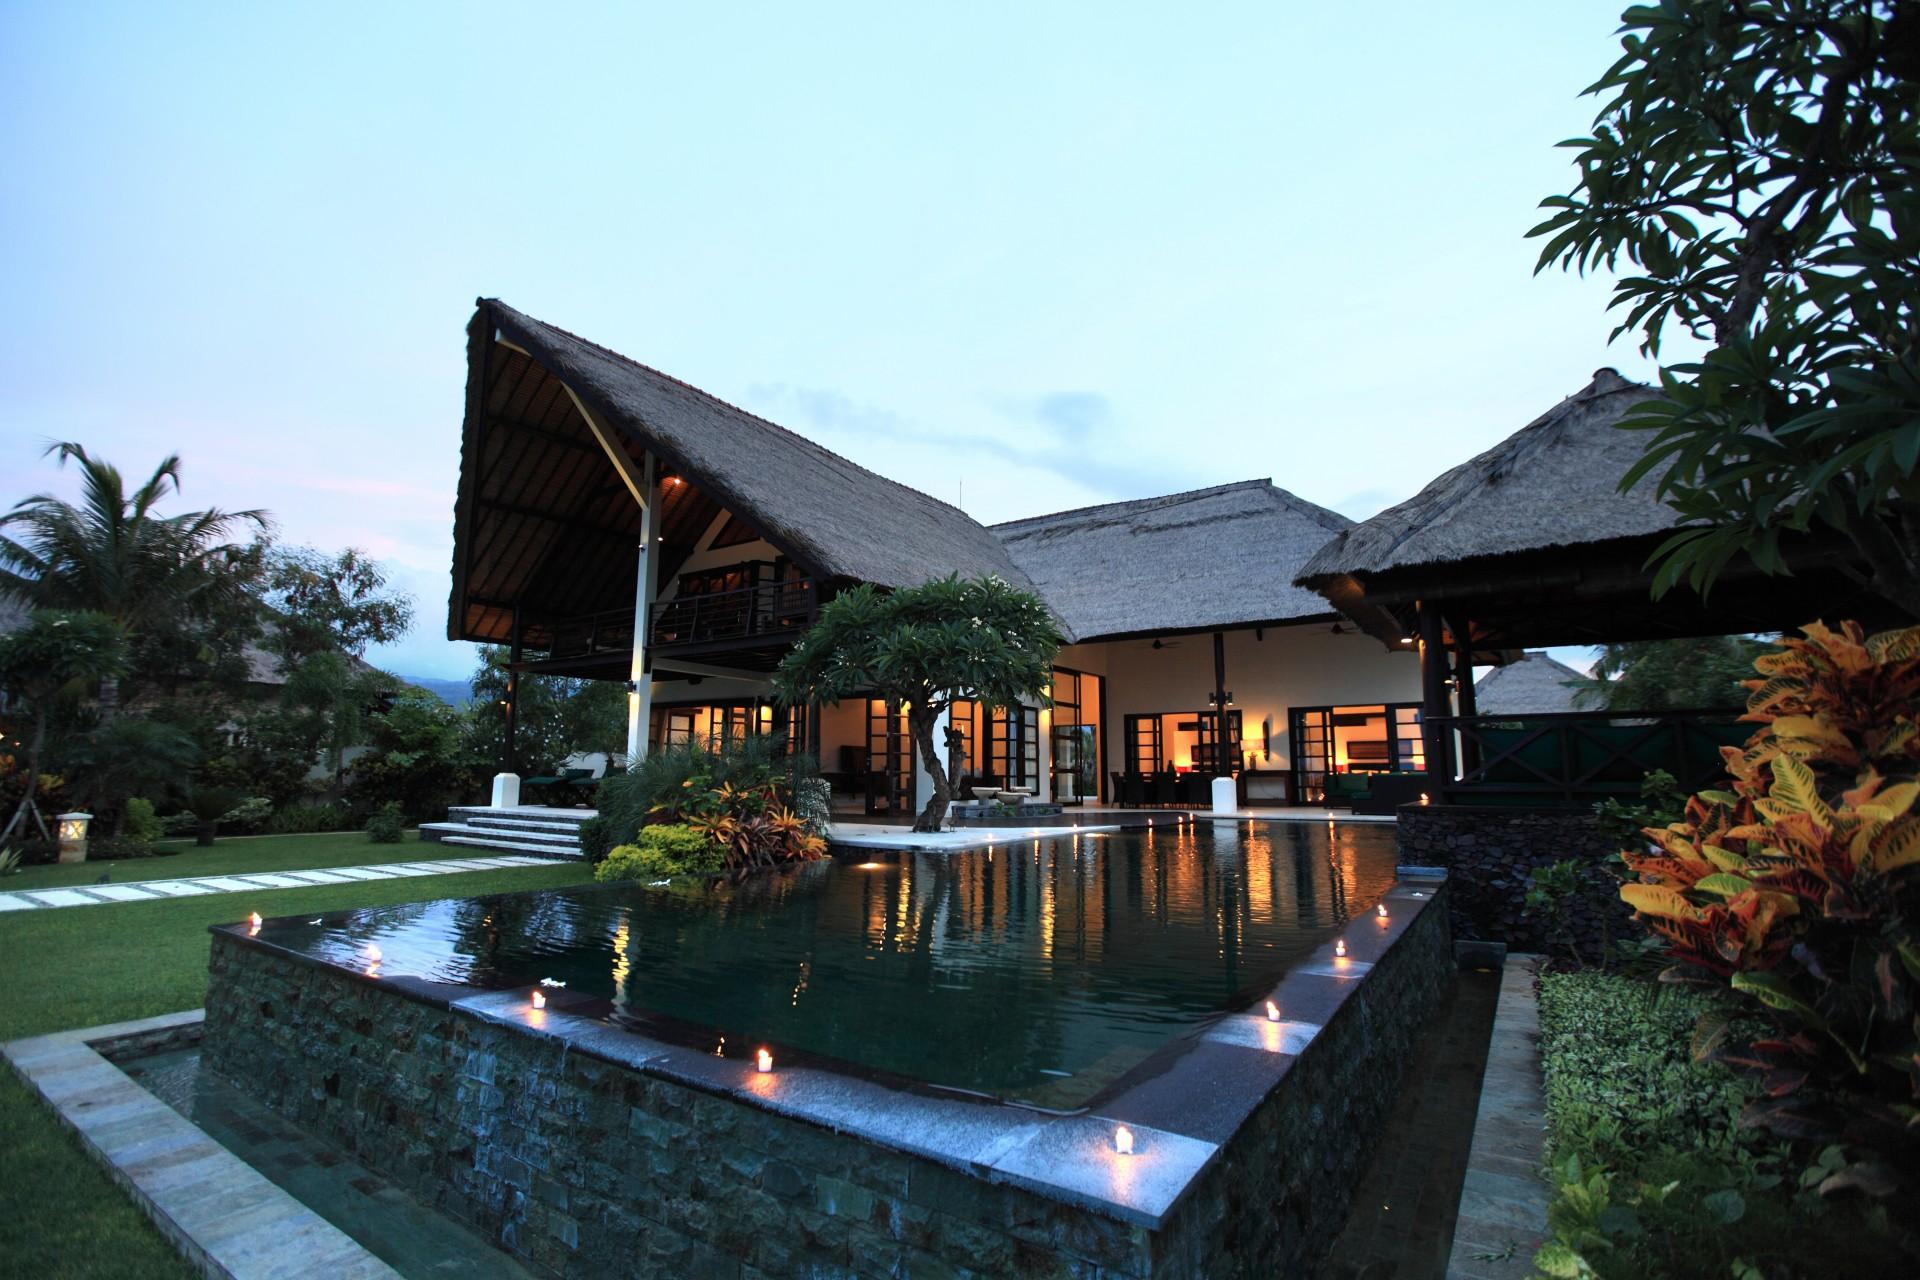 villa baruna by evening